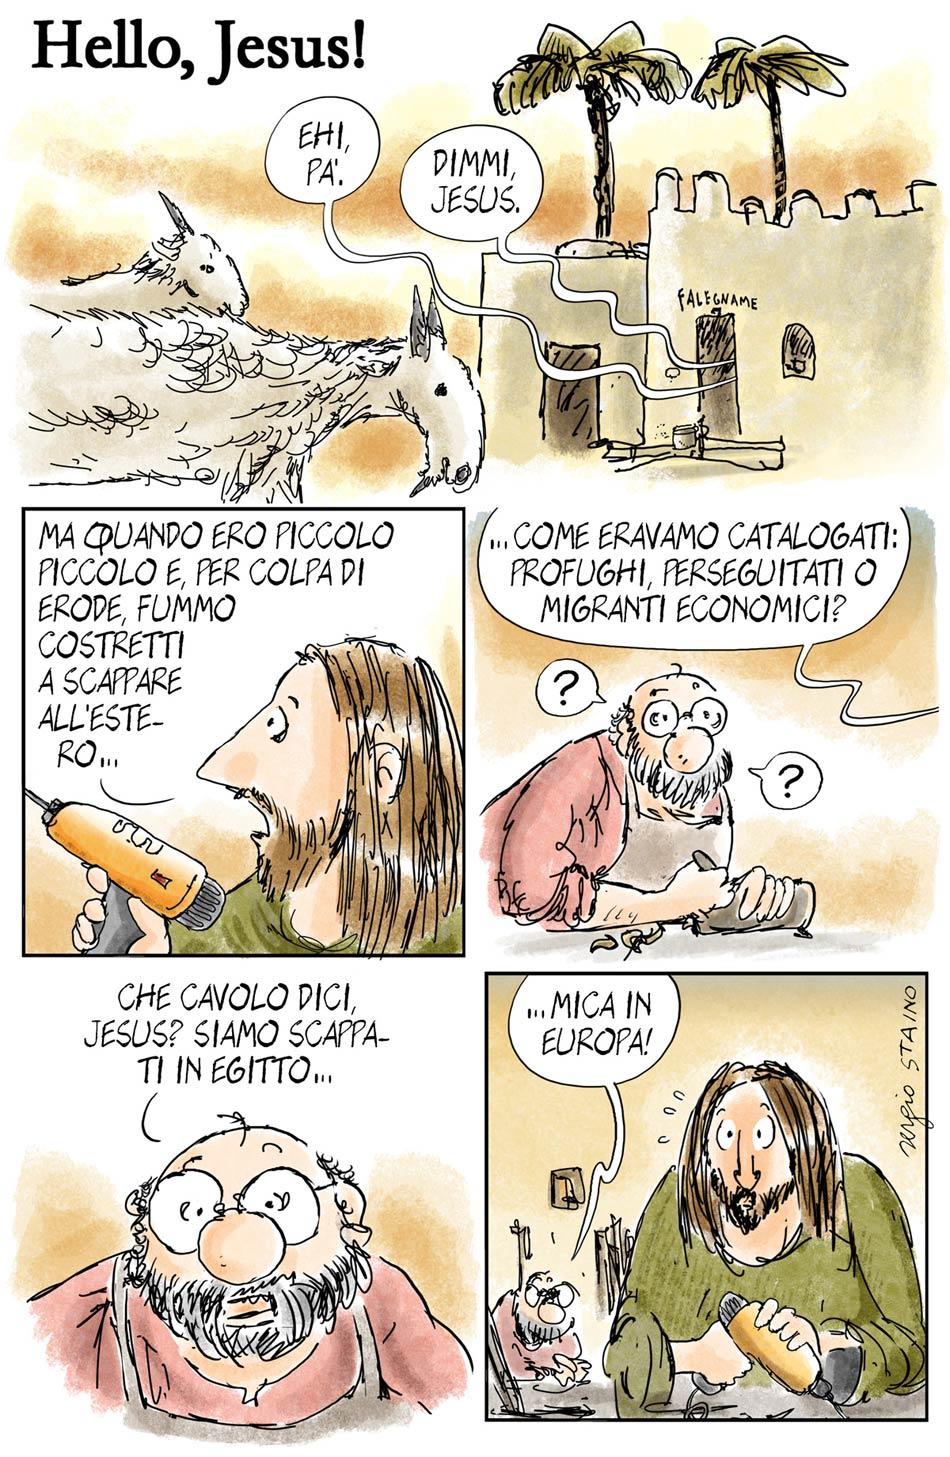 La striscia 'Hello Jesus'